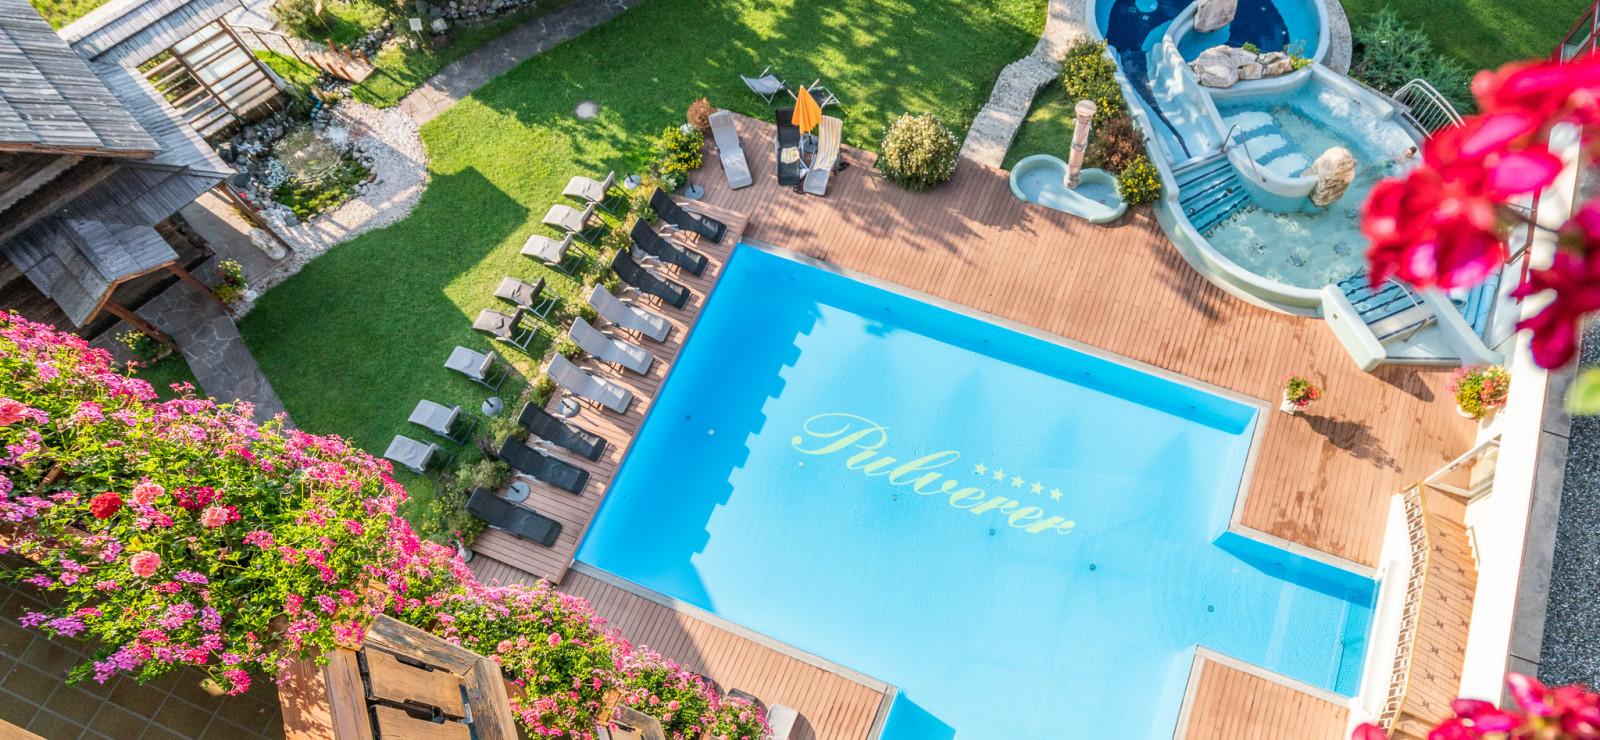 Thermenwelt Hotel Pulverer Bilder | Bild 1